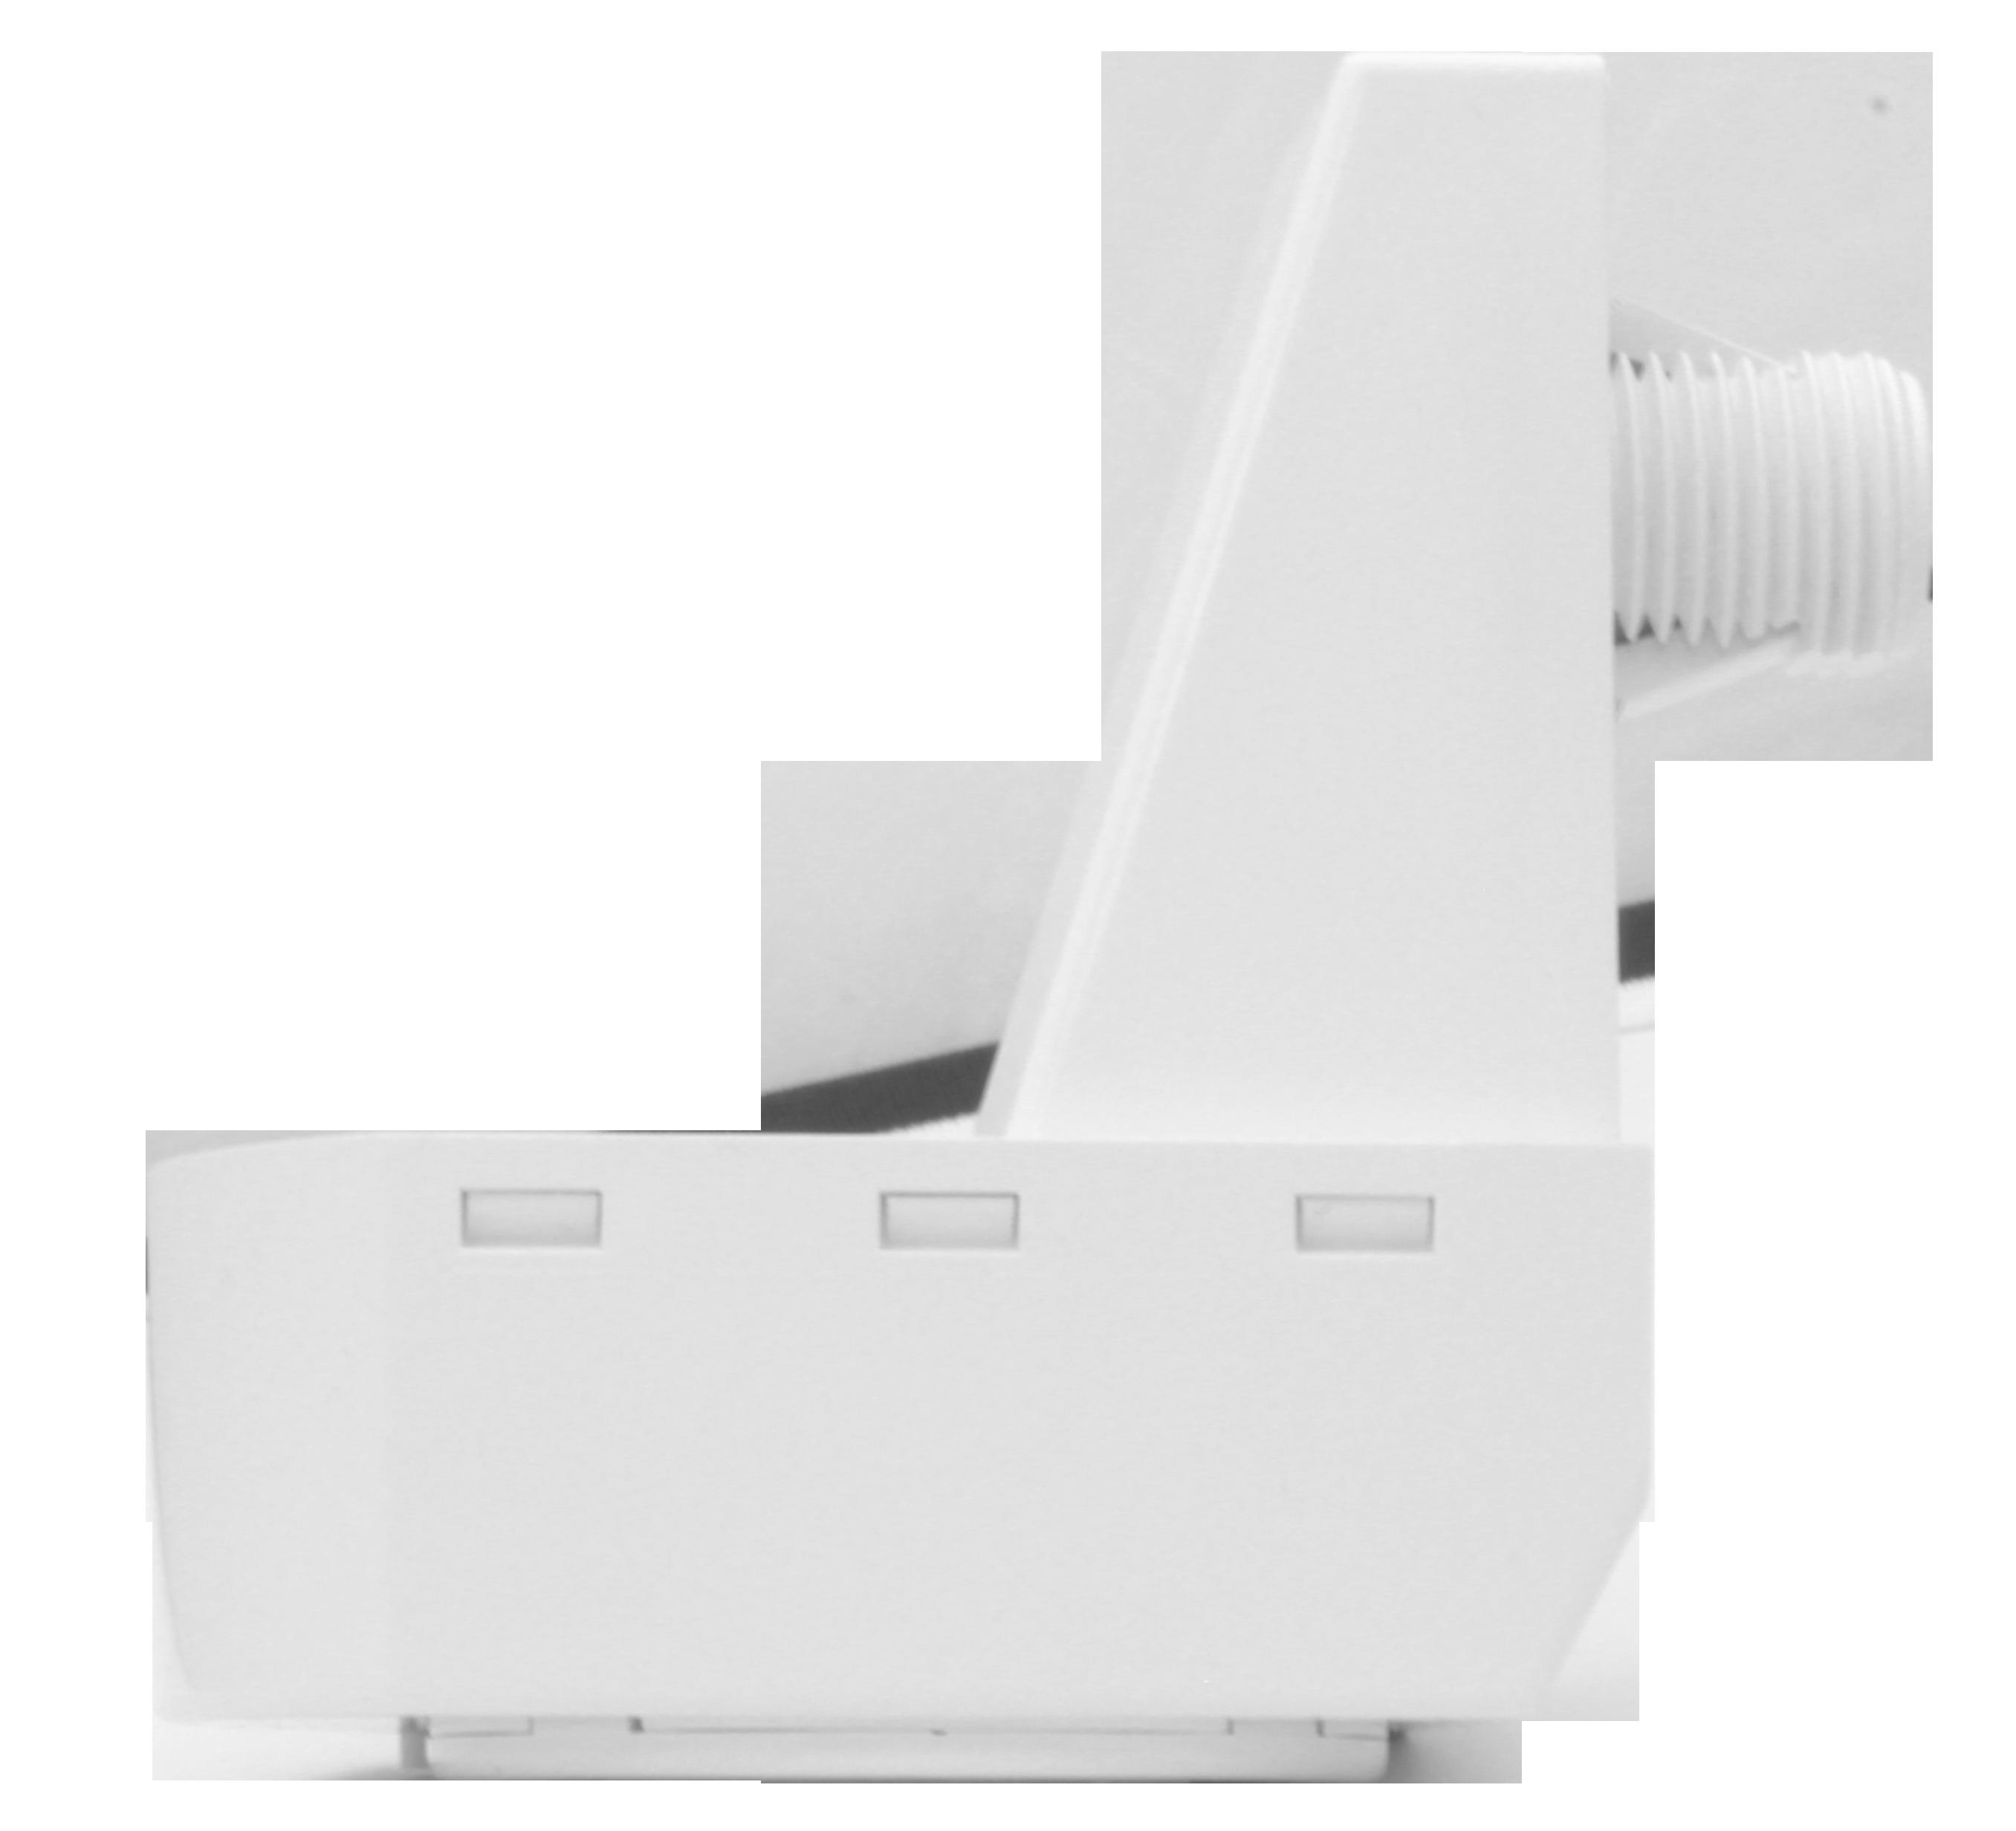 LSXR-610 LIAF SENSOR